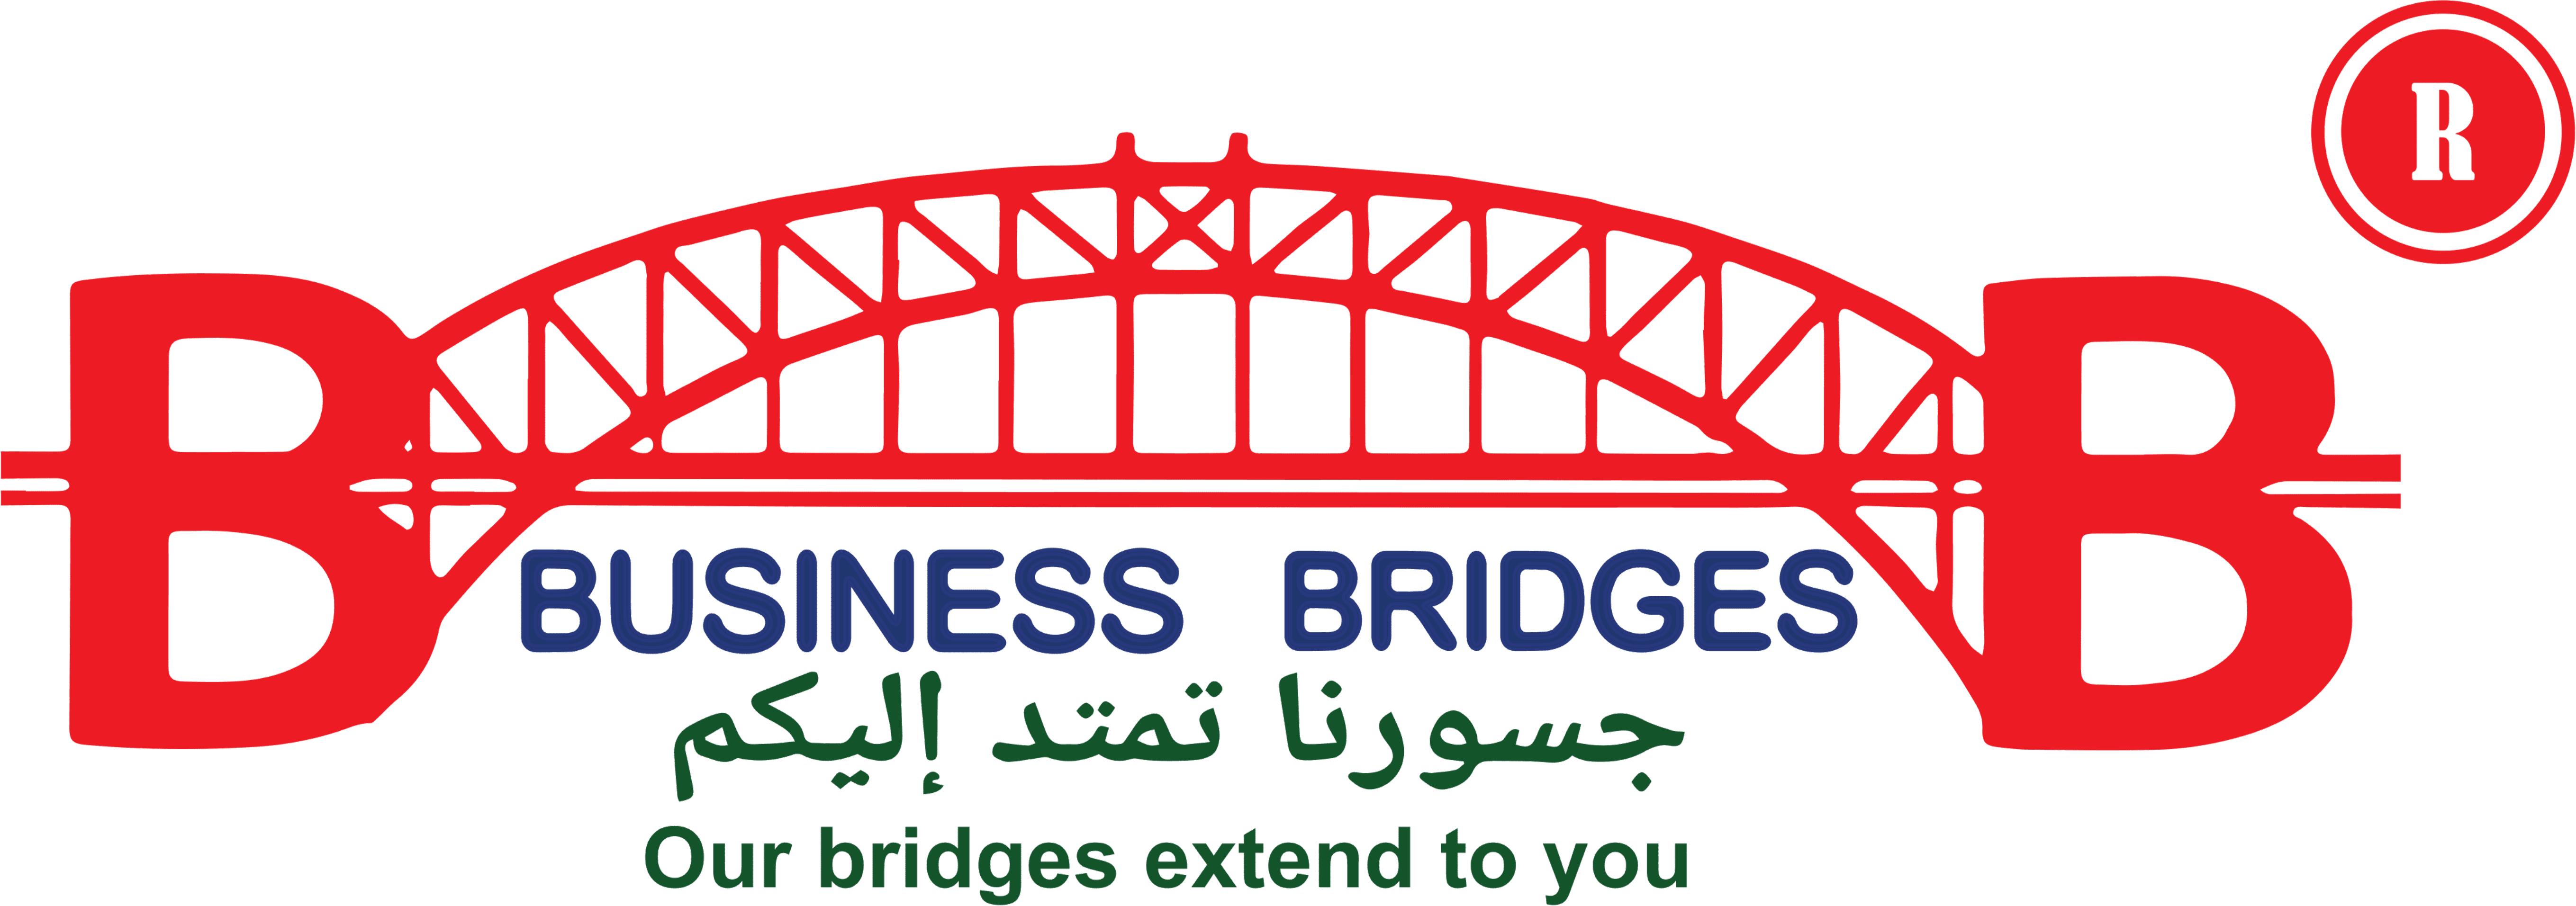 Business Bridges & Shop